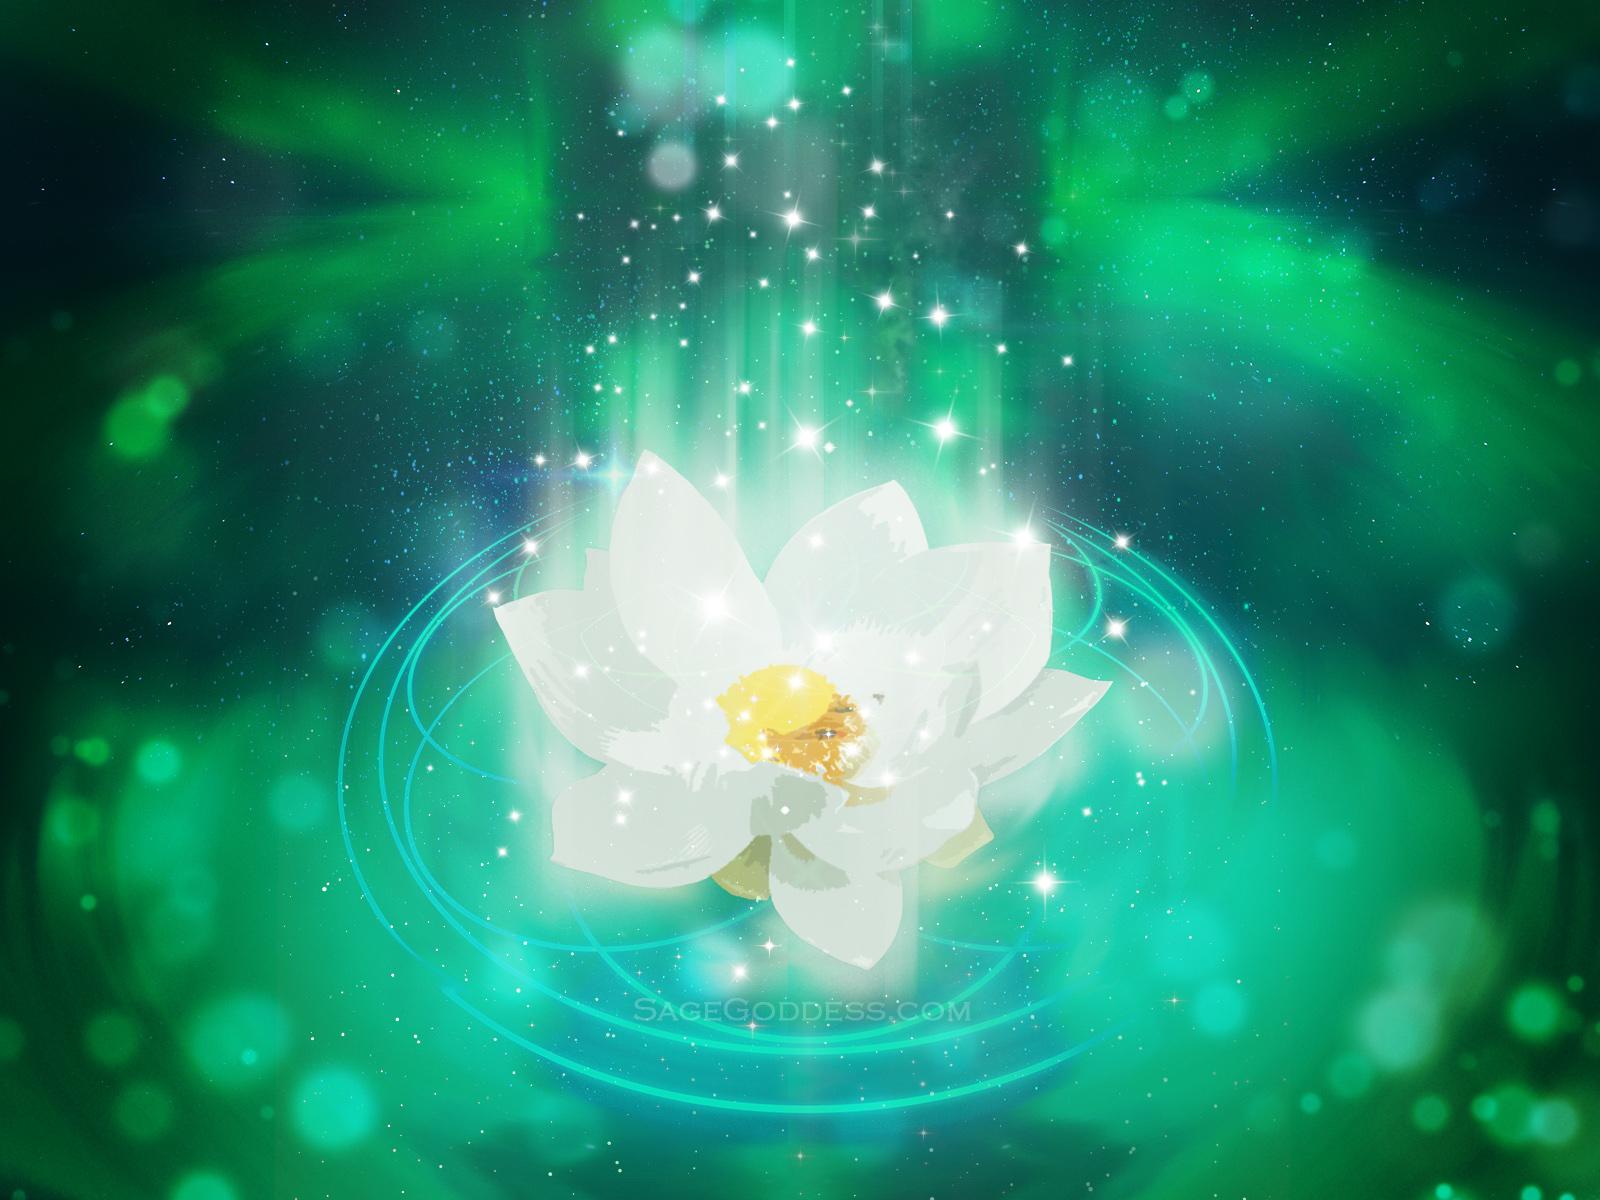 Free Custom Sage Goddess Downloadable Lotus Flower Wallpaper